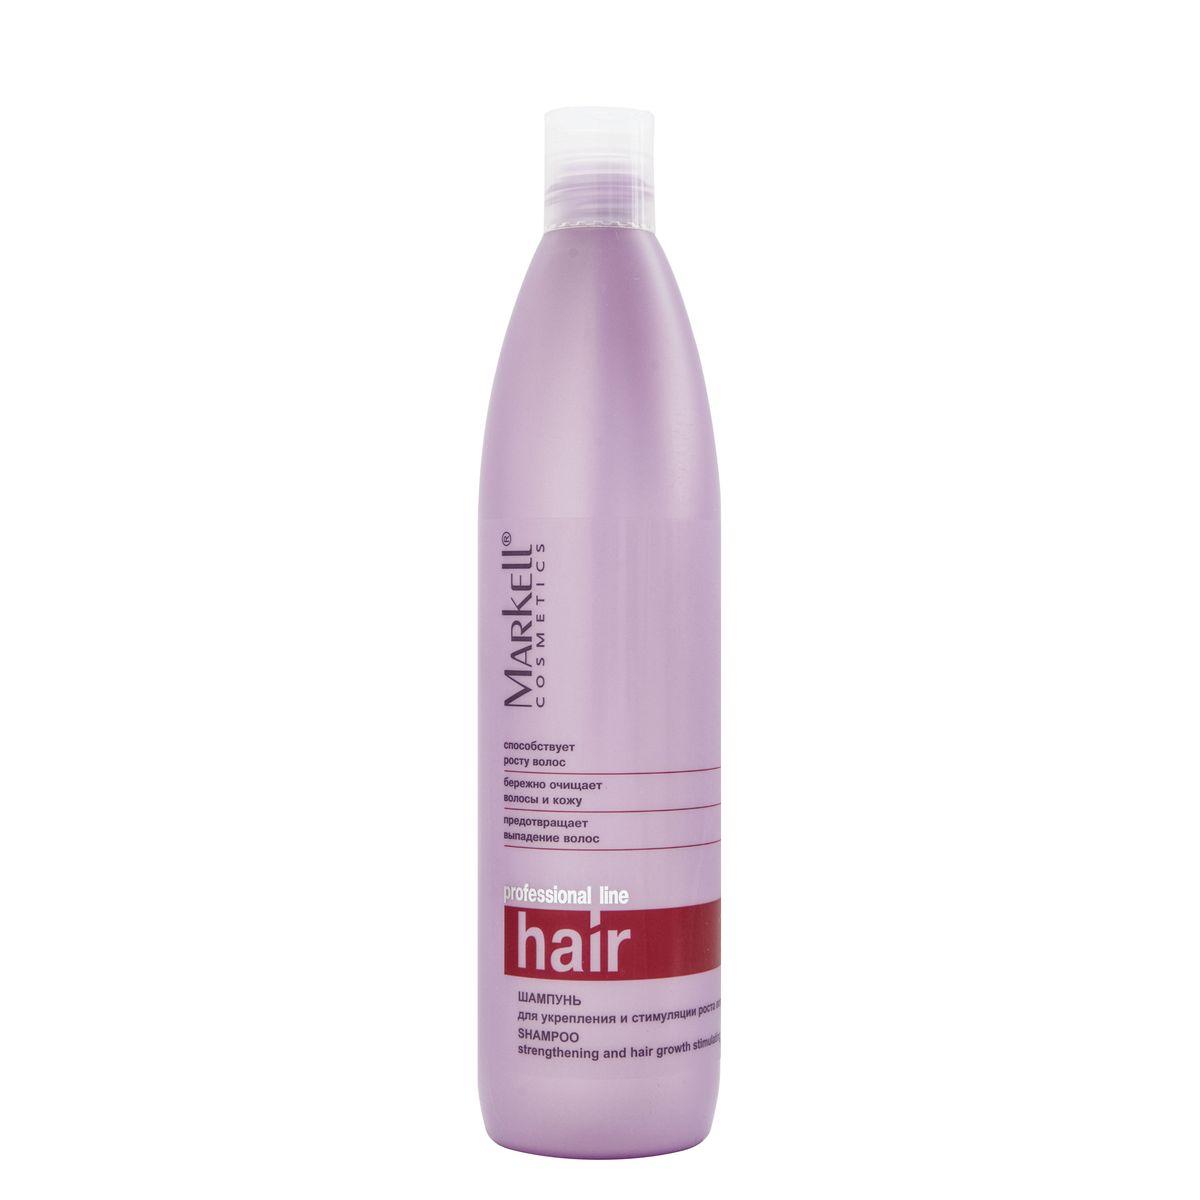 Markell Шампунь для укрепления и стимуляции роста волос Professional Hair Line , 500 мл7737Профессиональный шампунь с инновационным комплексом активных компонентов для укрепления волос и стимулирования их роста наполняет волосы и кожу головы витаминами, укрепляет волосяные луковички, тем самым устраняя причину выпадения волос. - бережно очищает волосы и кожу - предотвращает выпадение волос - способствует росту волос